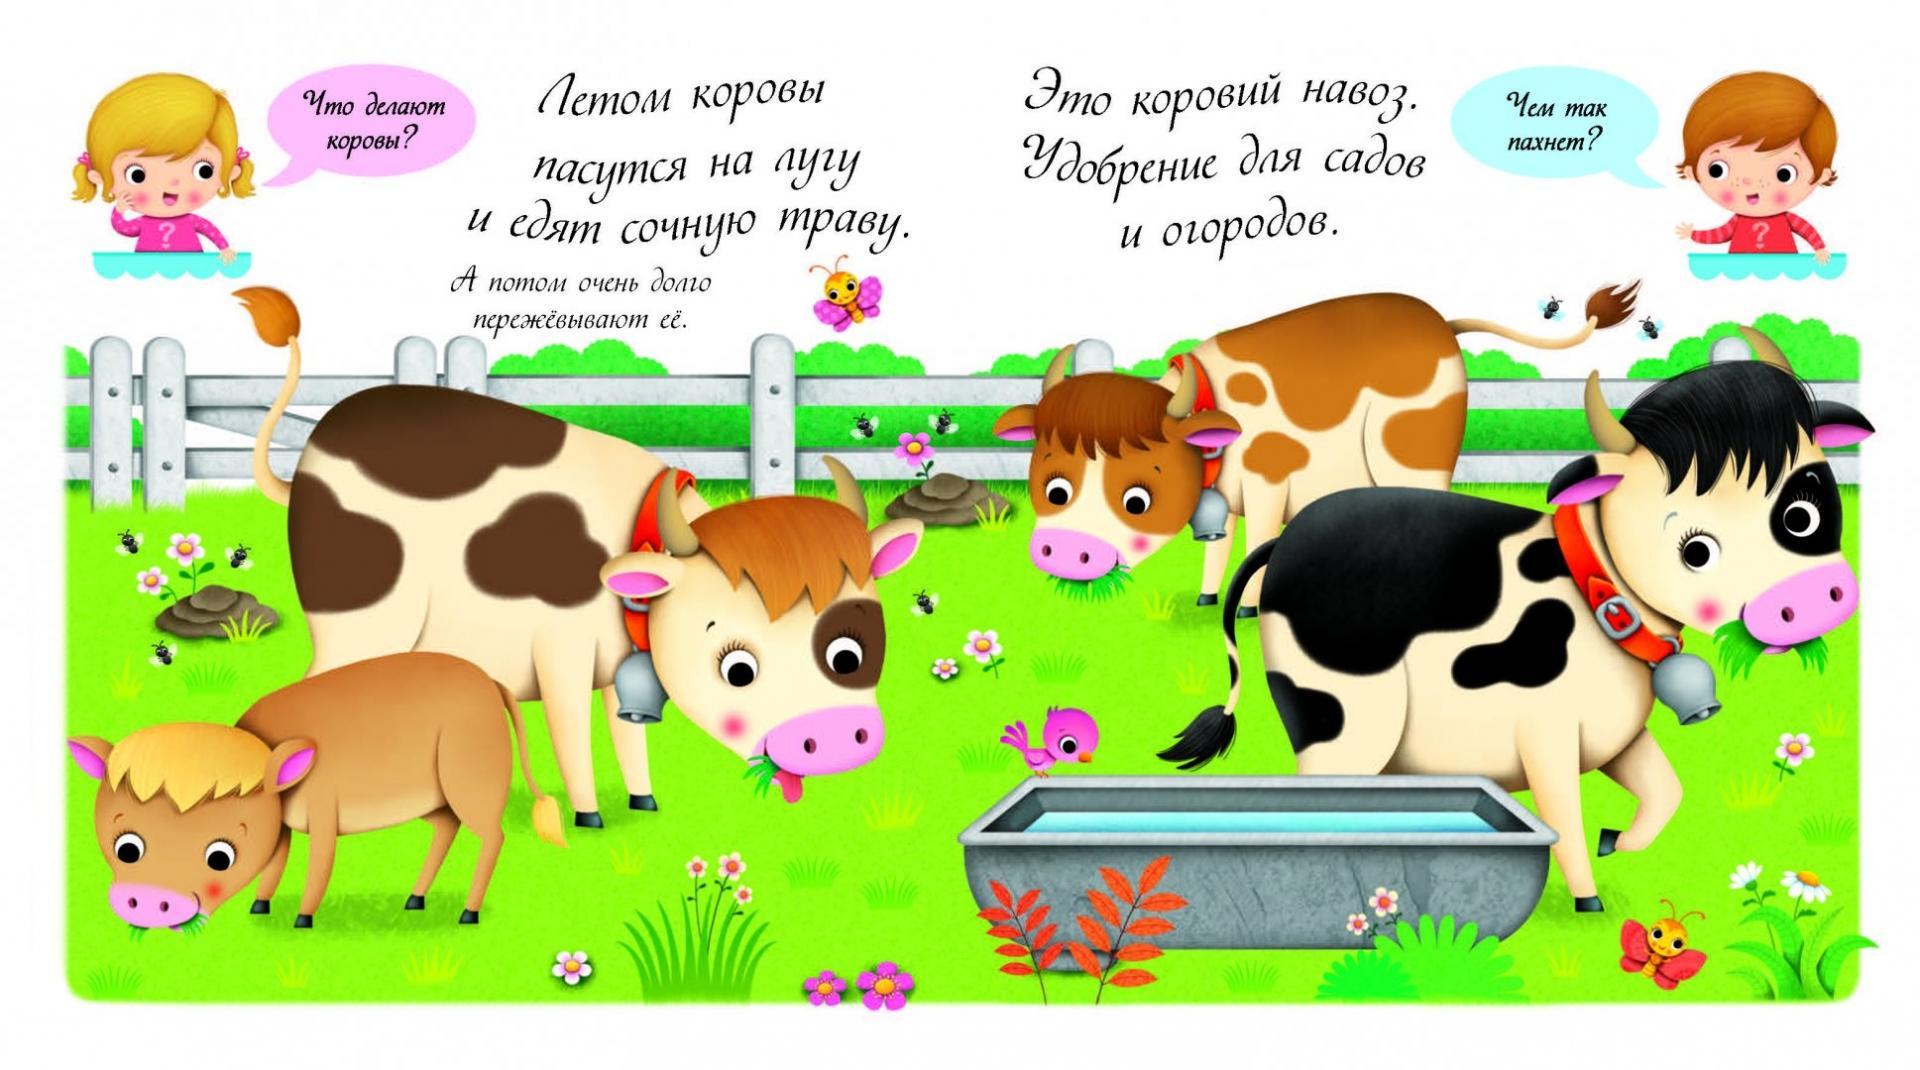 стихи поздравление от коровы масса